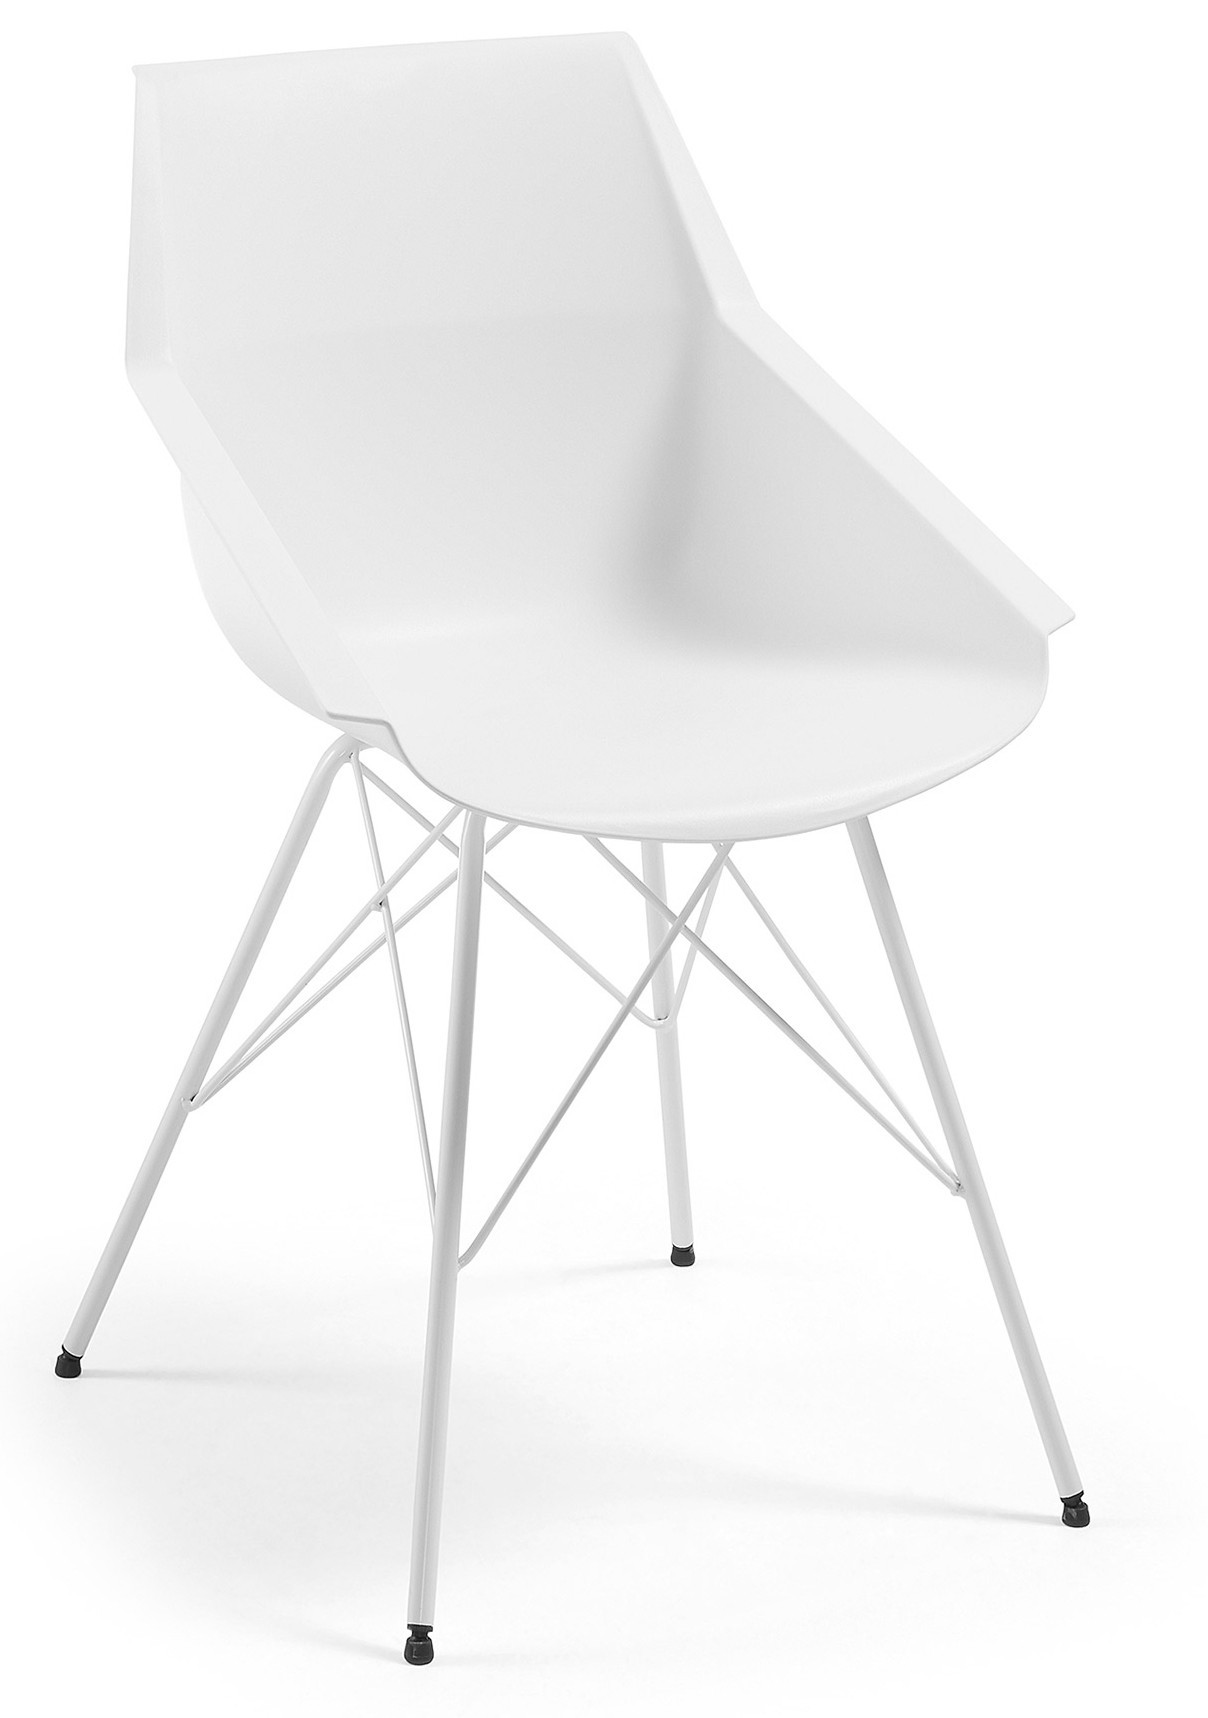 De kunn eetkamerstoel van laforma is een strakke stoel met geometrische vormgeving. de zitting is vervaardigd ...